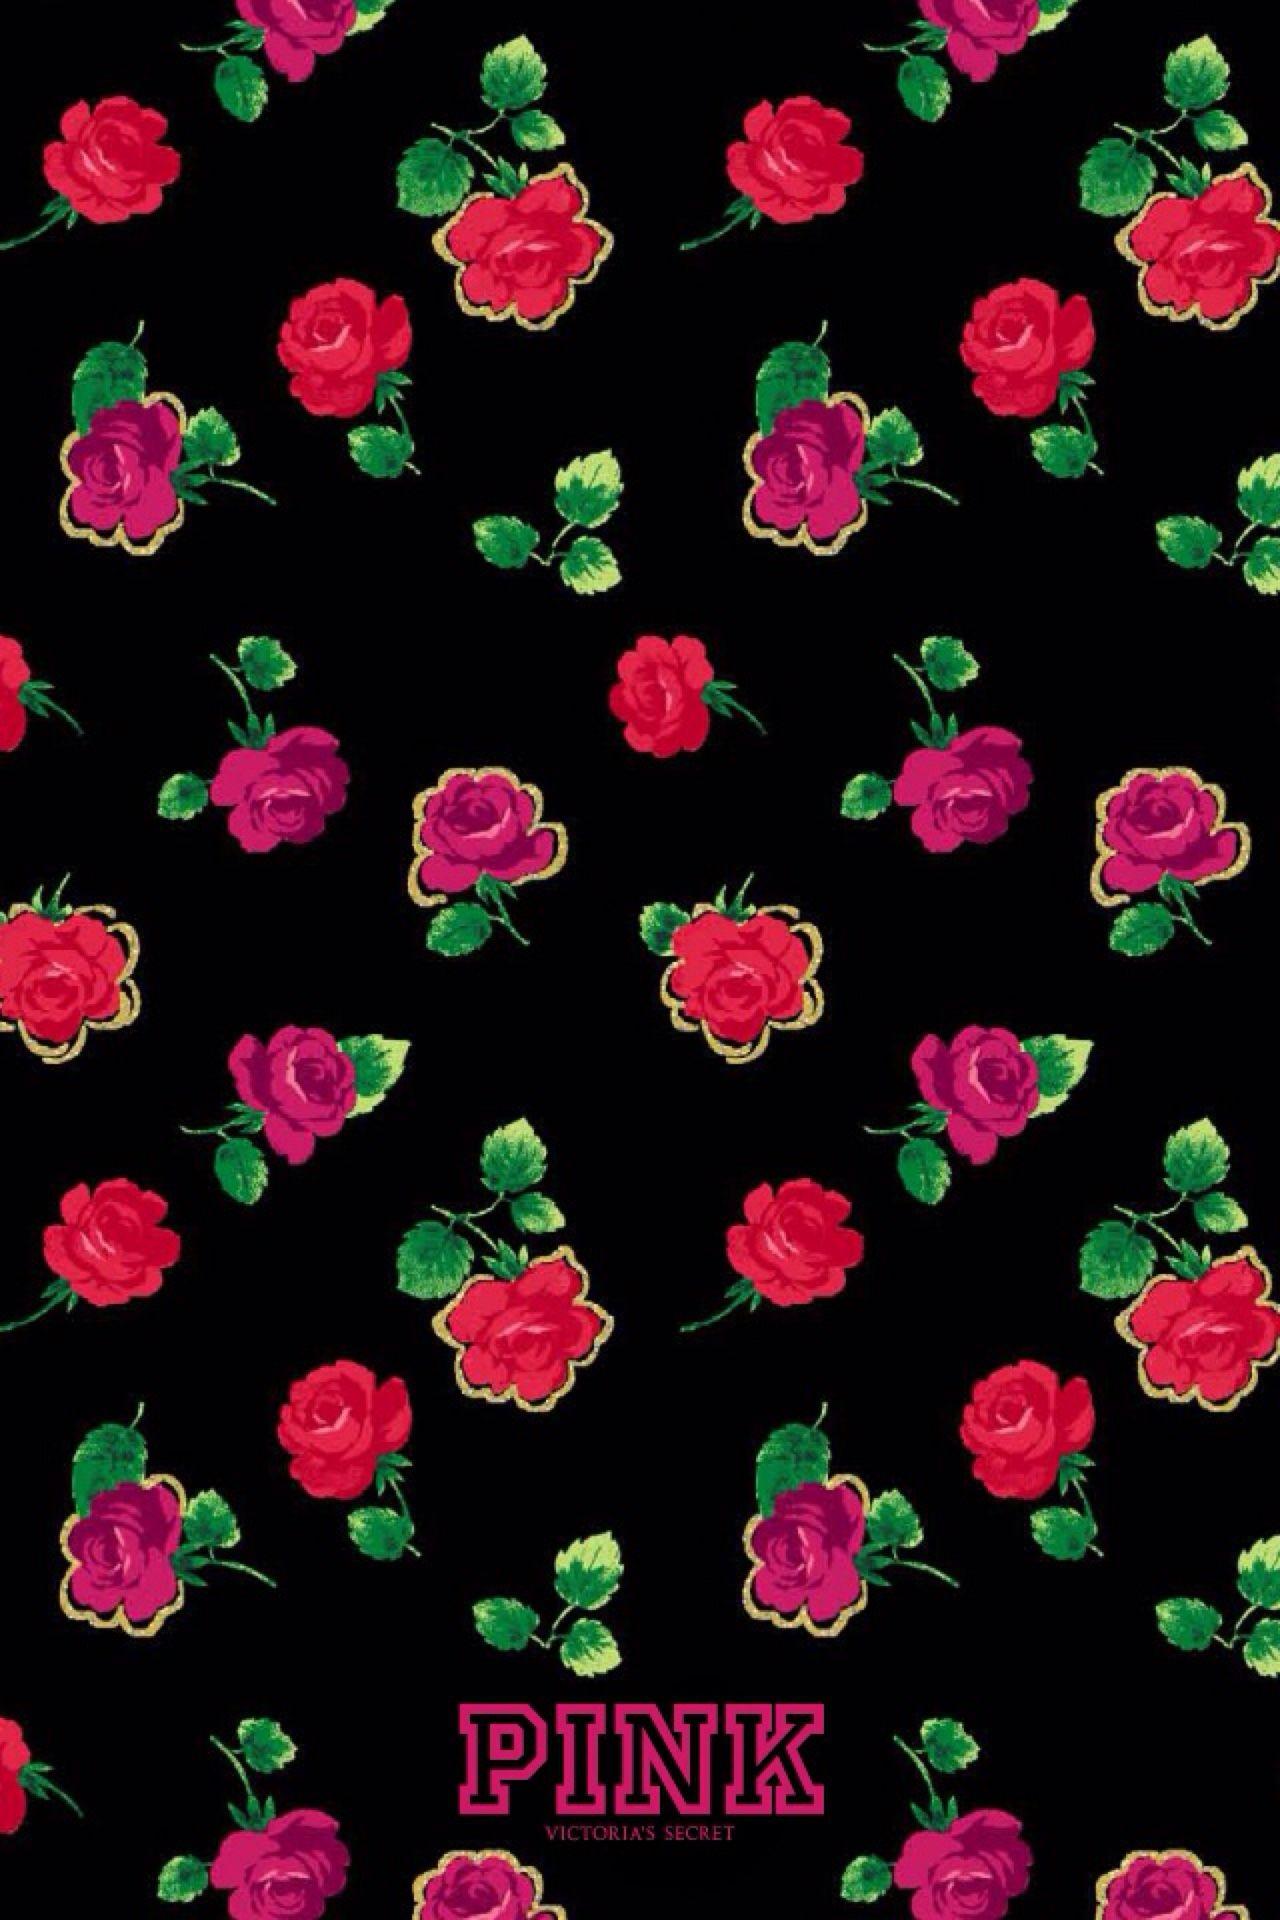 Tumblr iphone wallpaper victoria secret - Victoria Secrets Pink Wallpapers